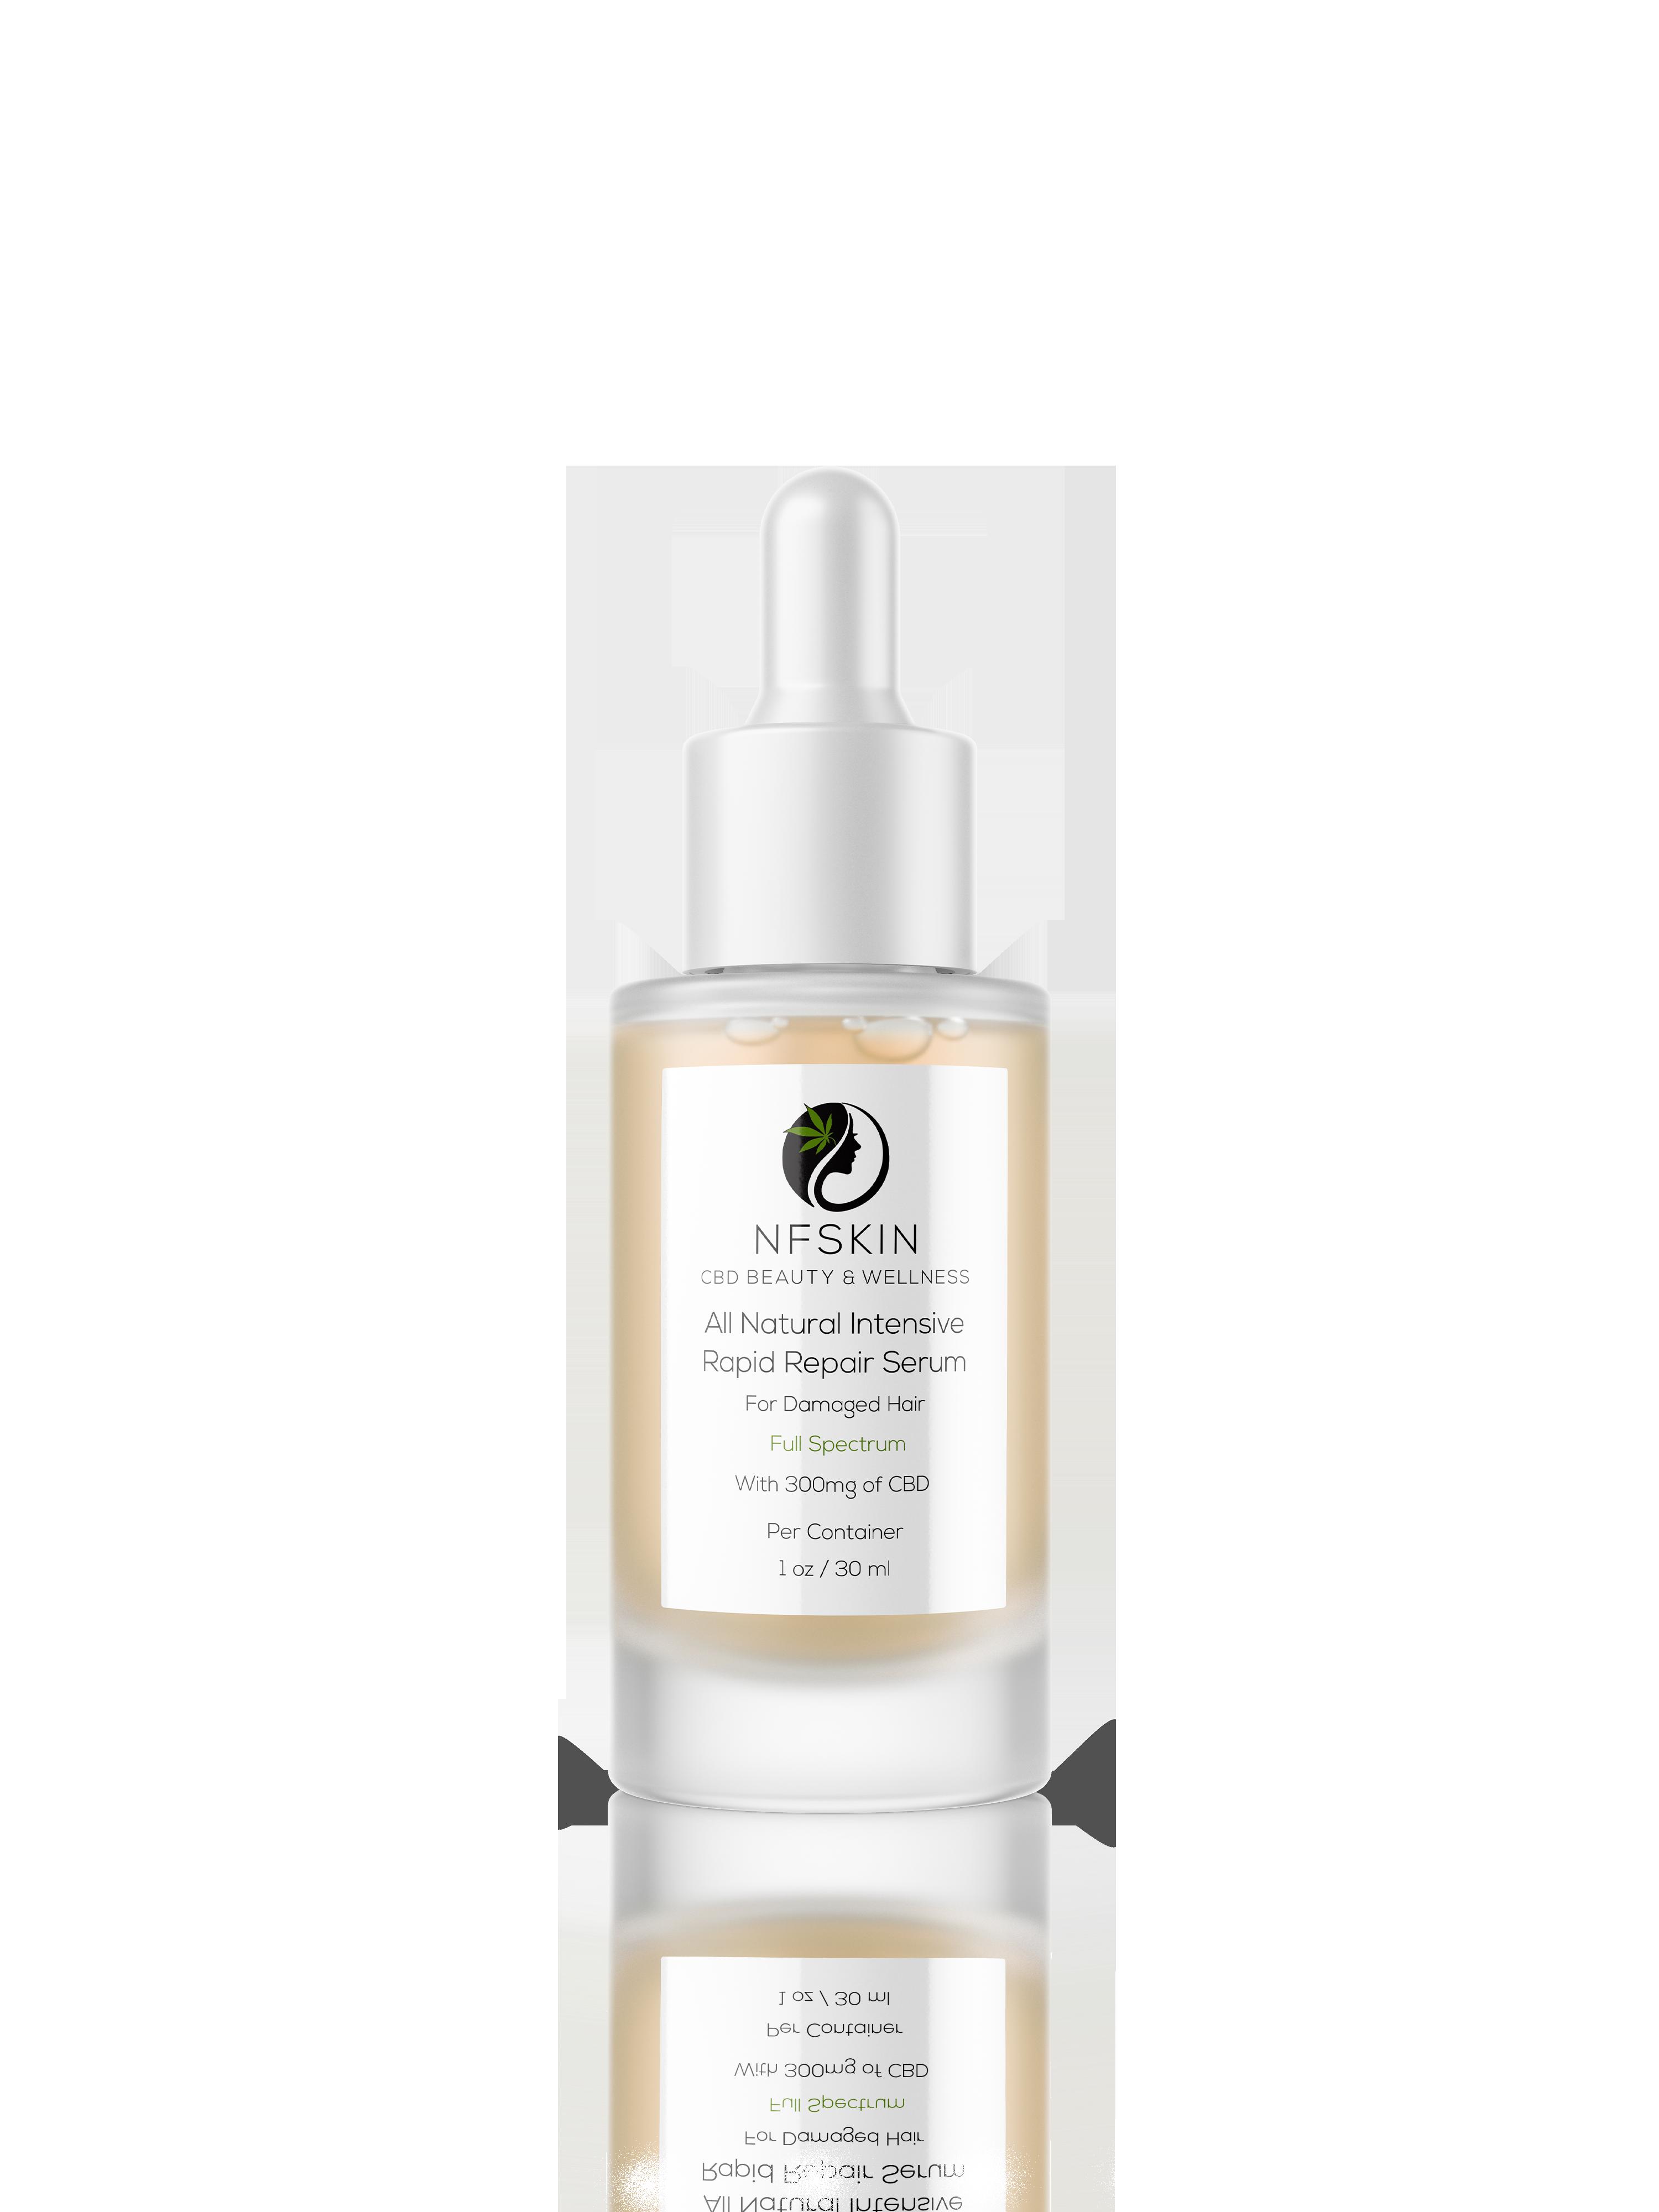 All-Natural Intensive Rapid Repair Serum for Damaged Hair